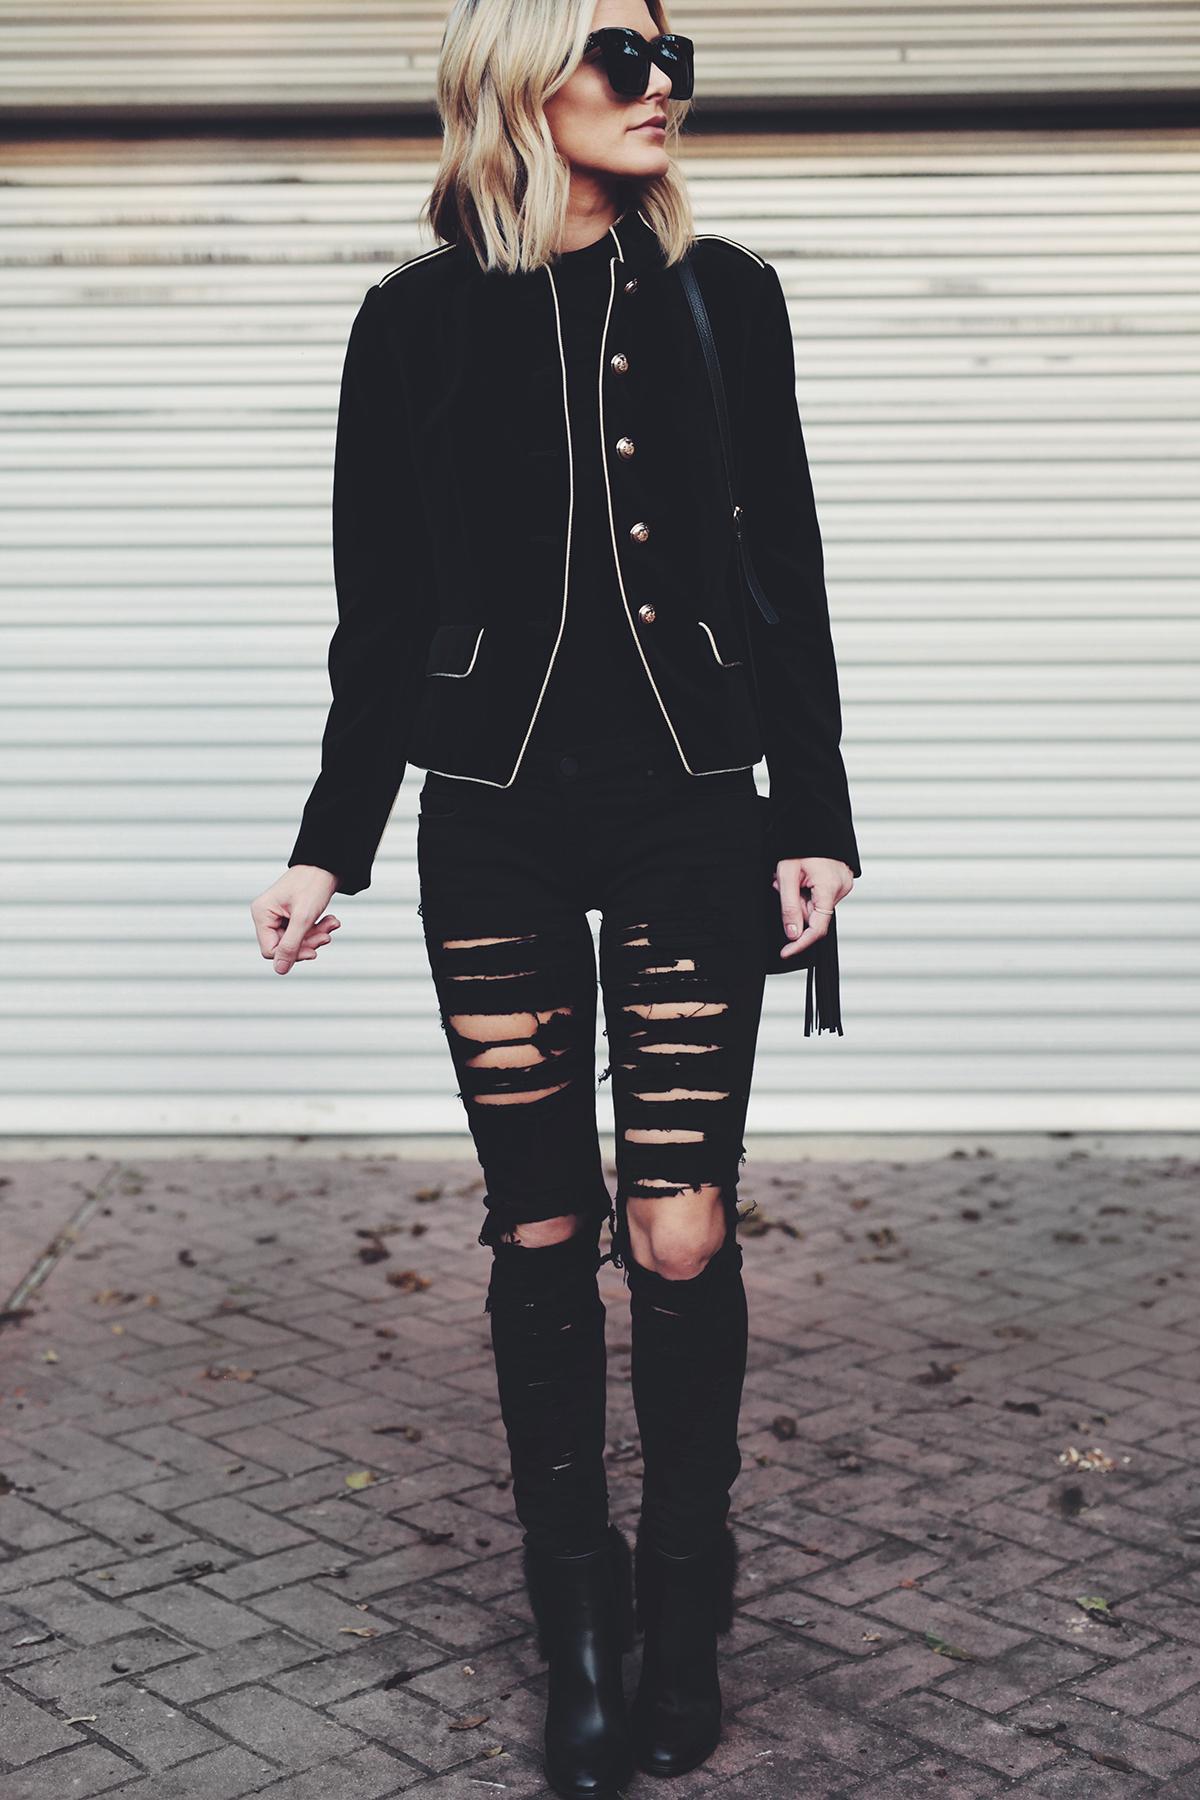 velvet-blazer-ripped-jeans